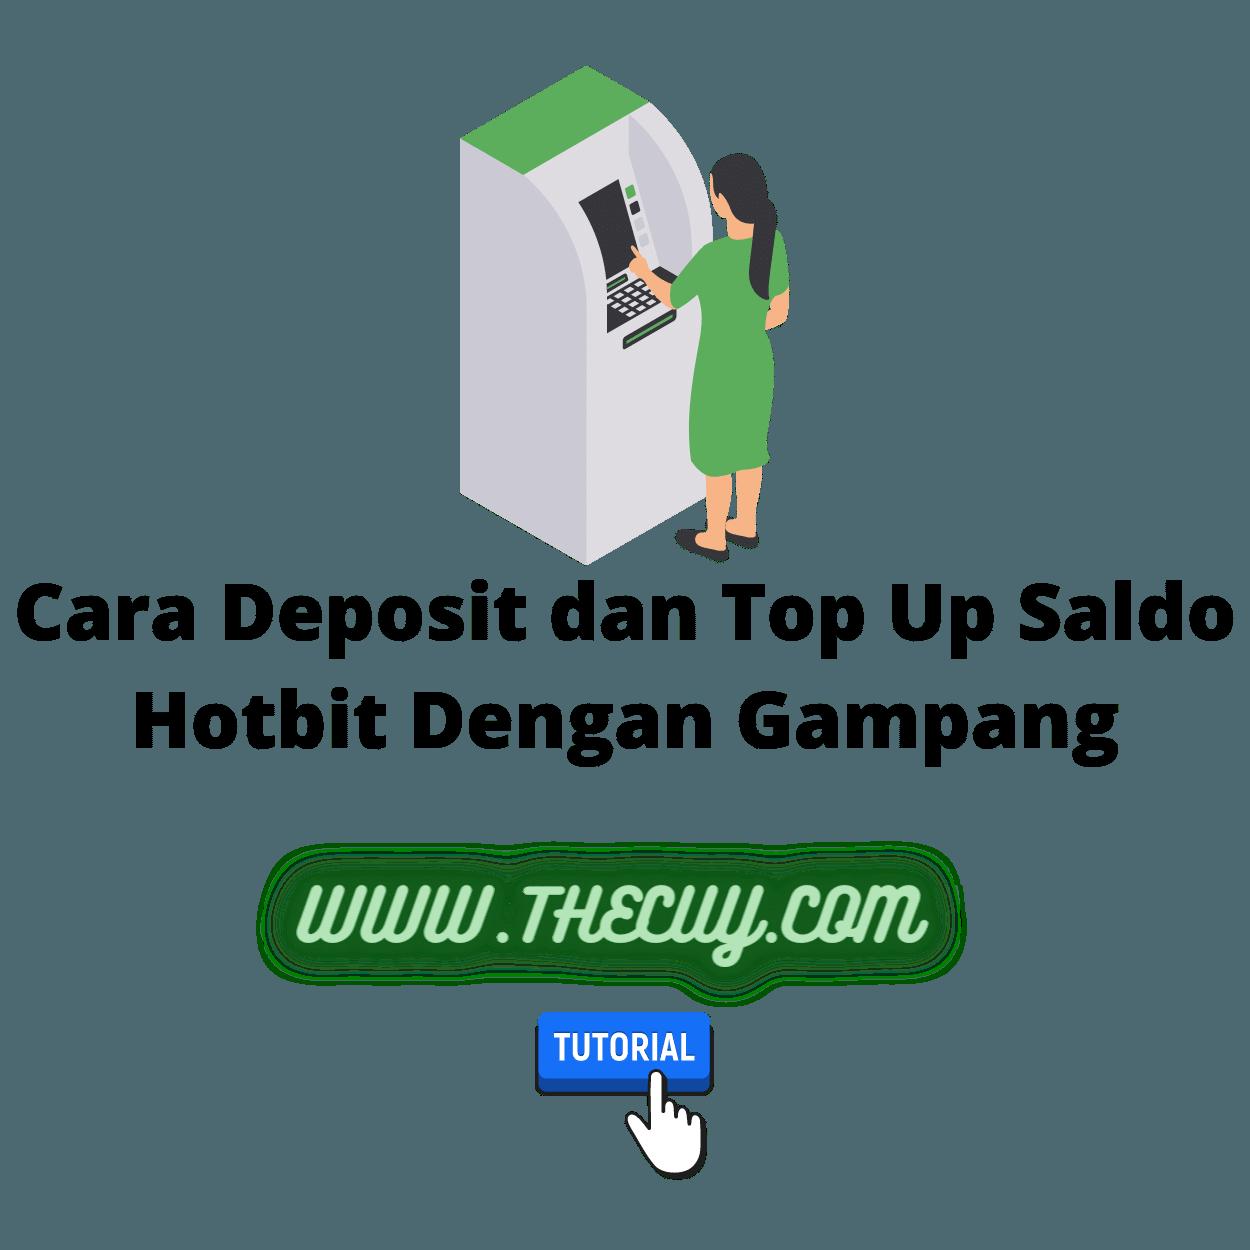 Cara Deposit dan Top Up Saldo Hotbit Dengan Gampang